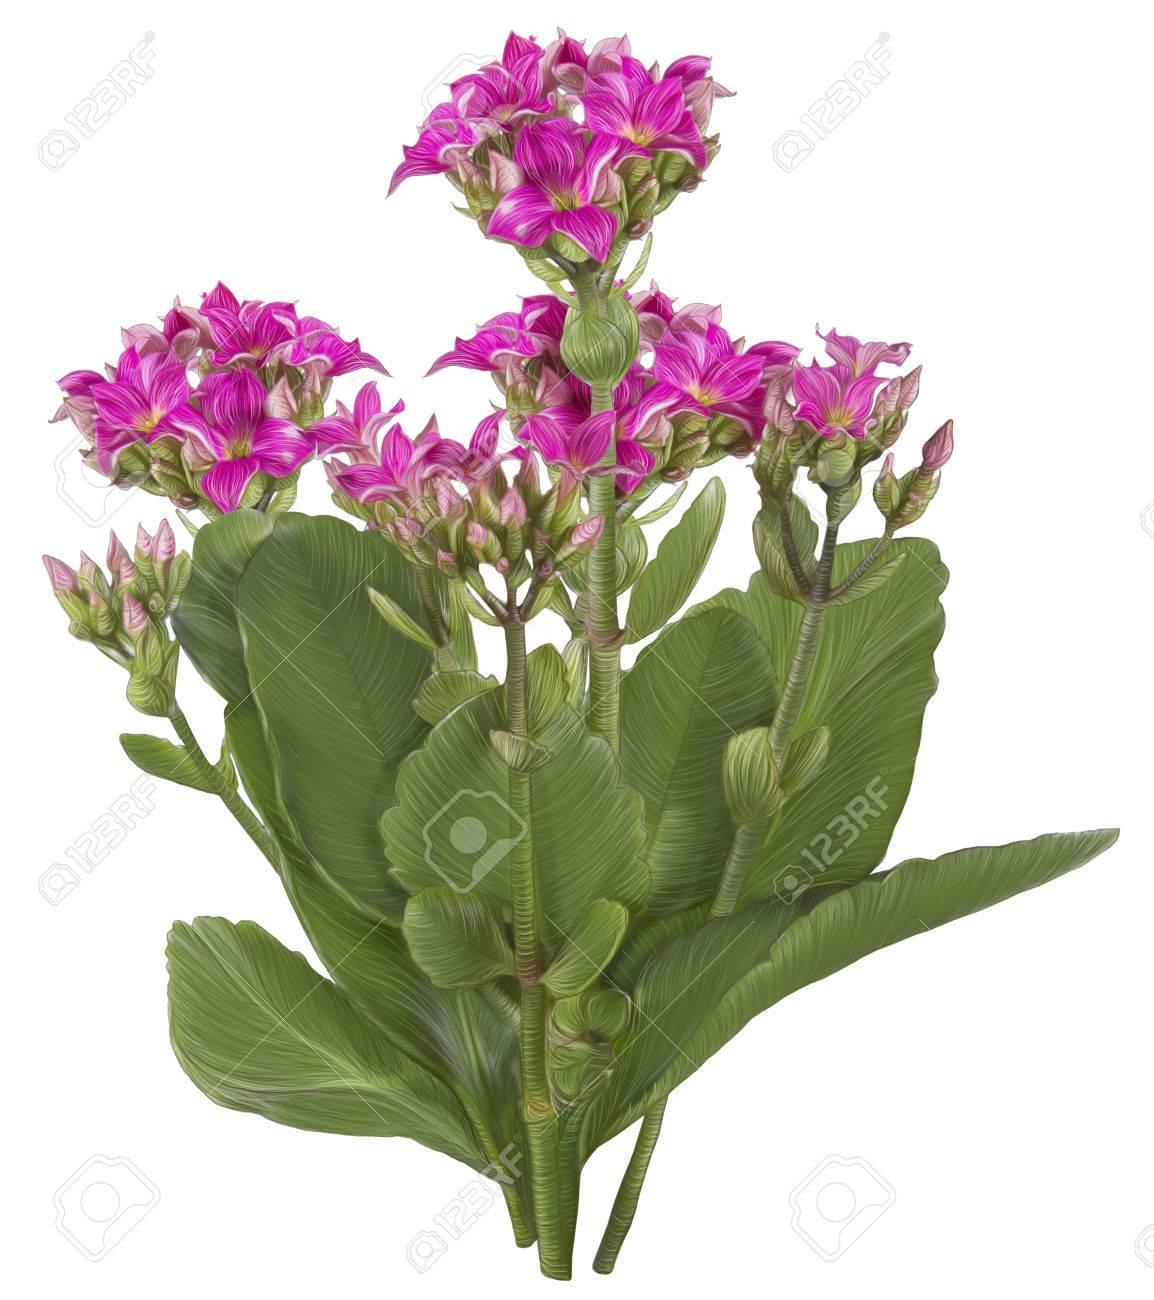 Dessin De Pink Kalanchoe Fleur Isole Sur Fond Blanc Banque D Images